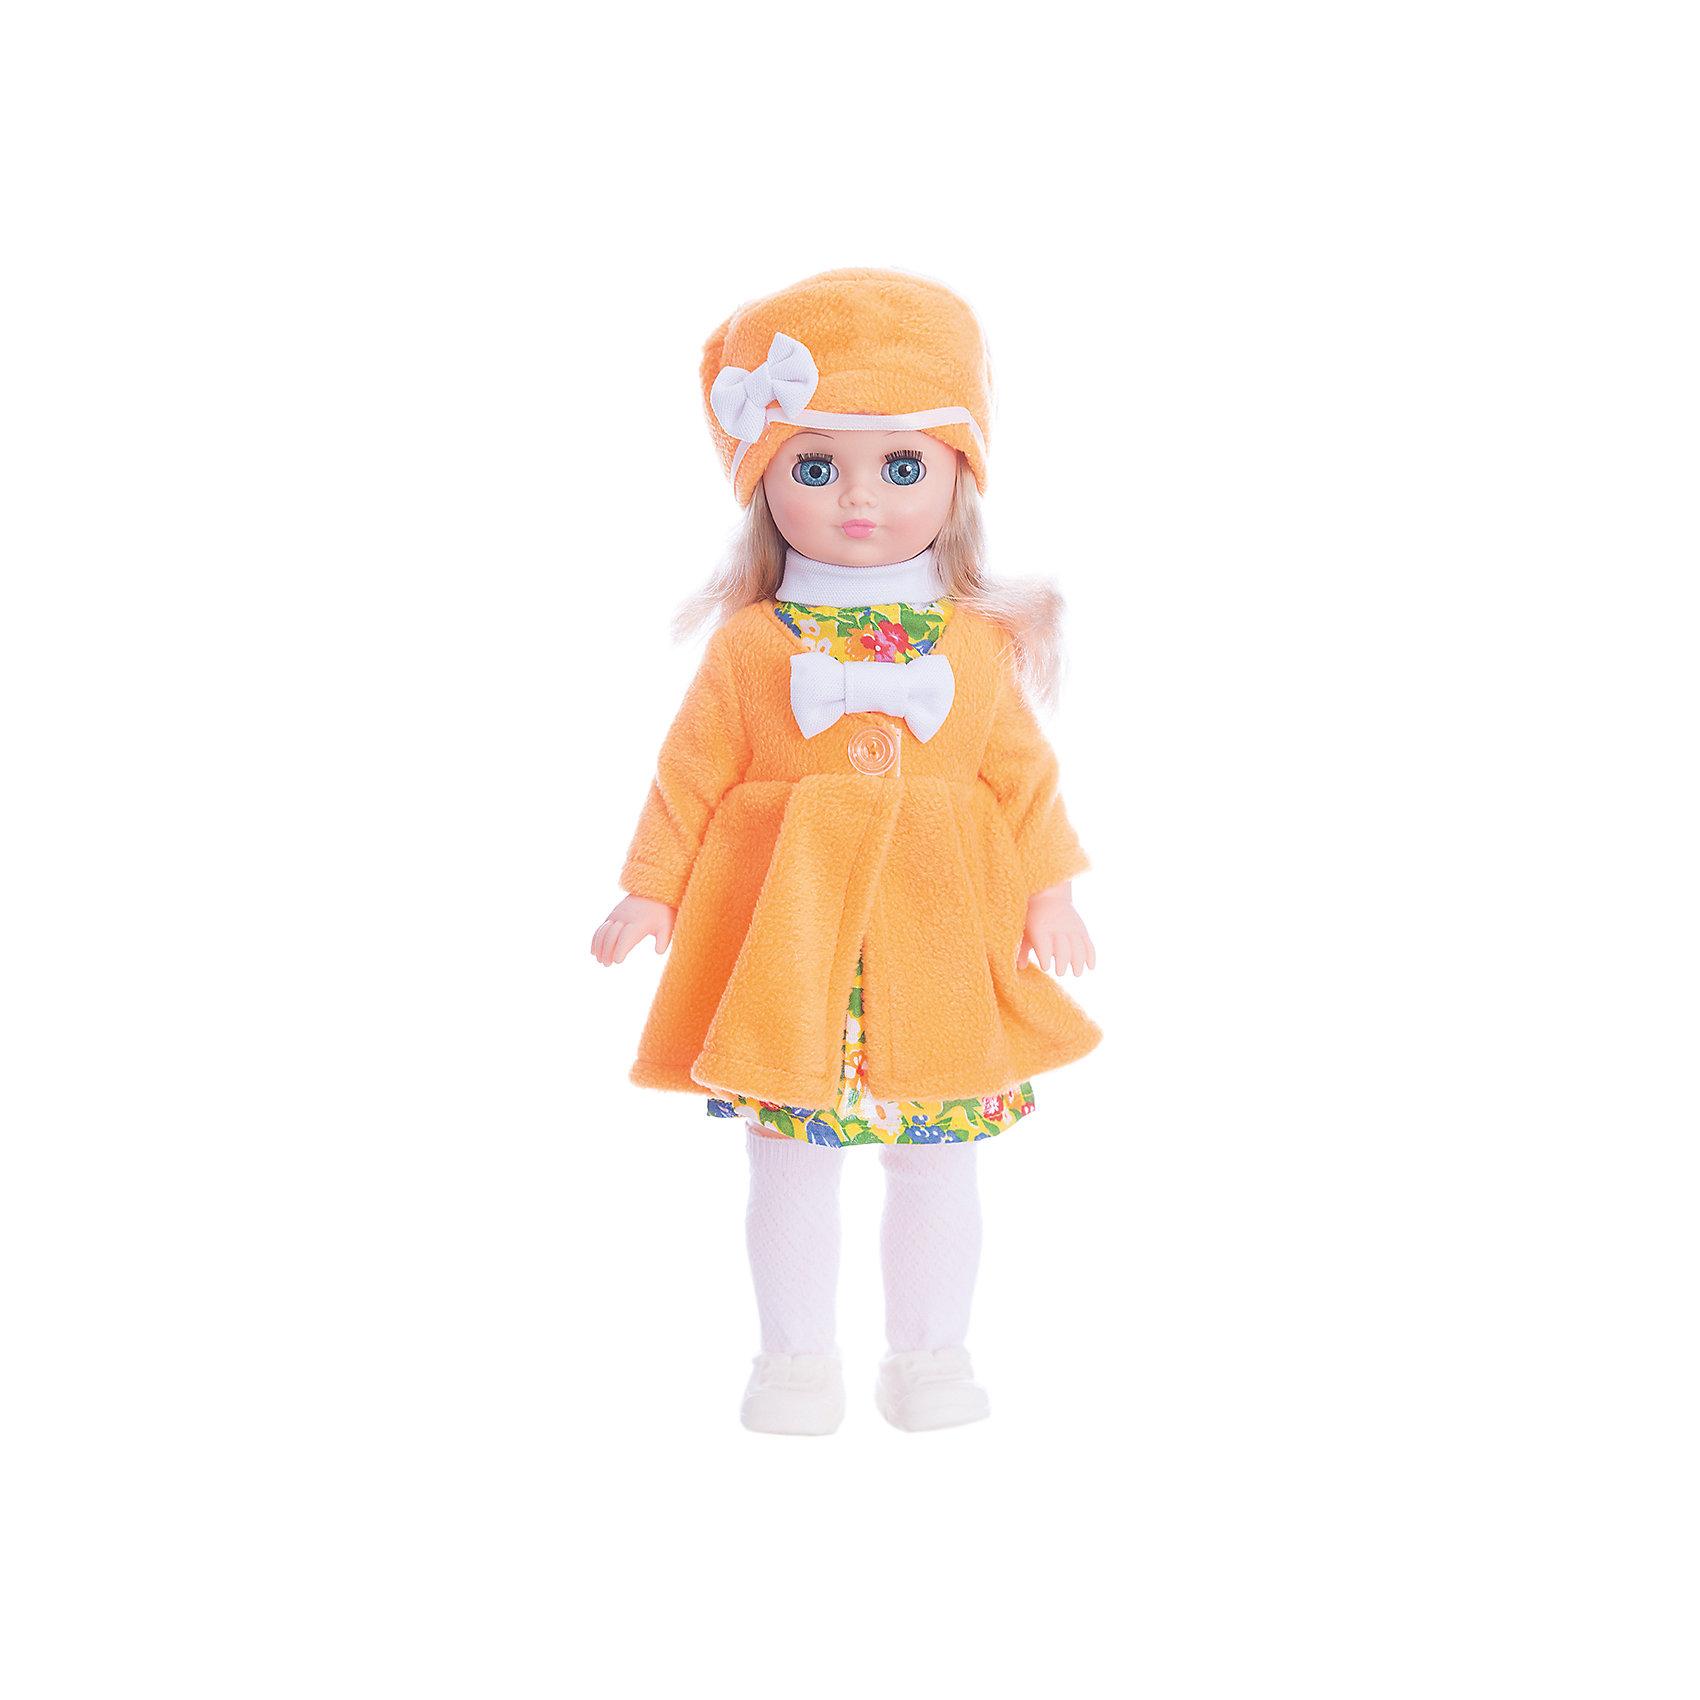 Кукла Лиза 20, со звуком, ВеснаИнтерактивные куклы<br>Большая очень красивая кукла от отечественного производителя способна не просто помочь ребенку весело проводить время, но и научить девочку одеваться со вкусом. На ней - модный костюм, всё можно снимать и надевать.<br>Кукла произносит несколько фраз, механизм работает от батареек. Очень красиво смотрятся пышные волосы, на которых можно делать прически. Сделана игрушка из качественных и безопасных для ребенка материалов. Такая кукла поможет ребенку освоить механизмы социальных взаимодействий, развить моторику и воображение. Также куклы помогают девочкам научиться заботиться о других.<br><br>Дополнительная информация:<br><br>- материал: пластмасса;<br>- волосы: прошивные;<br>- открывающиеся глаза;<br>- звуковой модуль;<br>- снимающаяся одежда и обувь;<br>- высота: 42 см.<br><br>Комплектация:<br><br>- одежда;<br>- три батарейки СЦ 357.<br><br>Куклу Инна 19, со звуком, от марки Весна можно купить в нашем магазине.<br><br>Ширина мм: 420<br>Глубина мм: 240<br>Высота мм: 440<br>Вес г: 750<br>Возраст от месяцев: 36<br>Возраст до месяцев: 1188<br>Пол: Женский<br>Возраст: Детский<br>SKU: 4701835